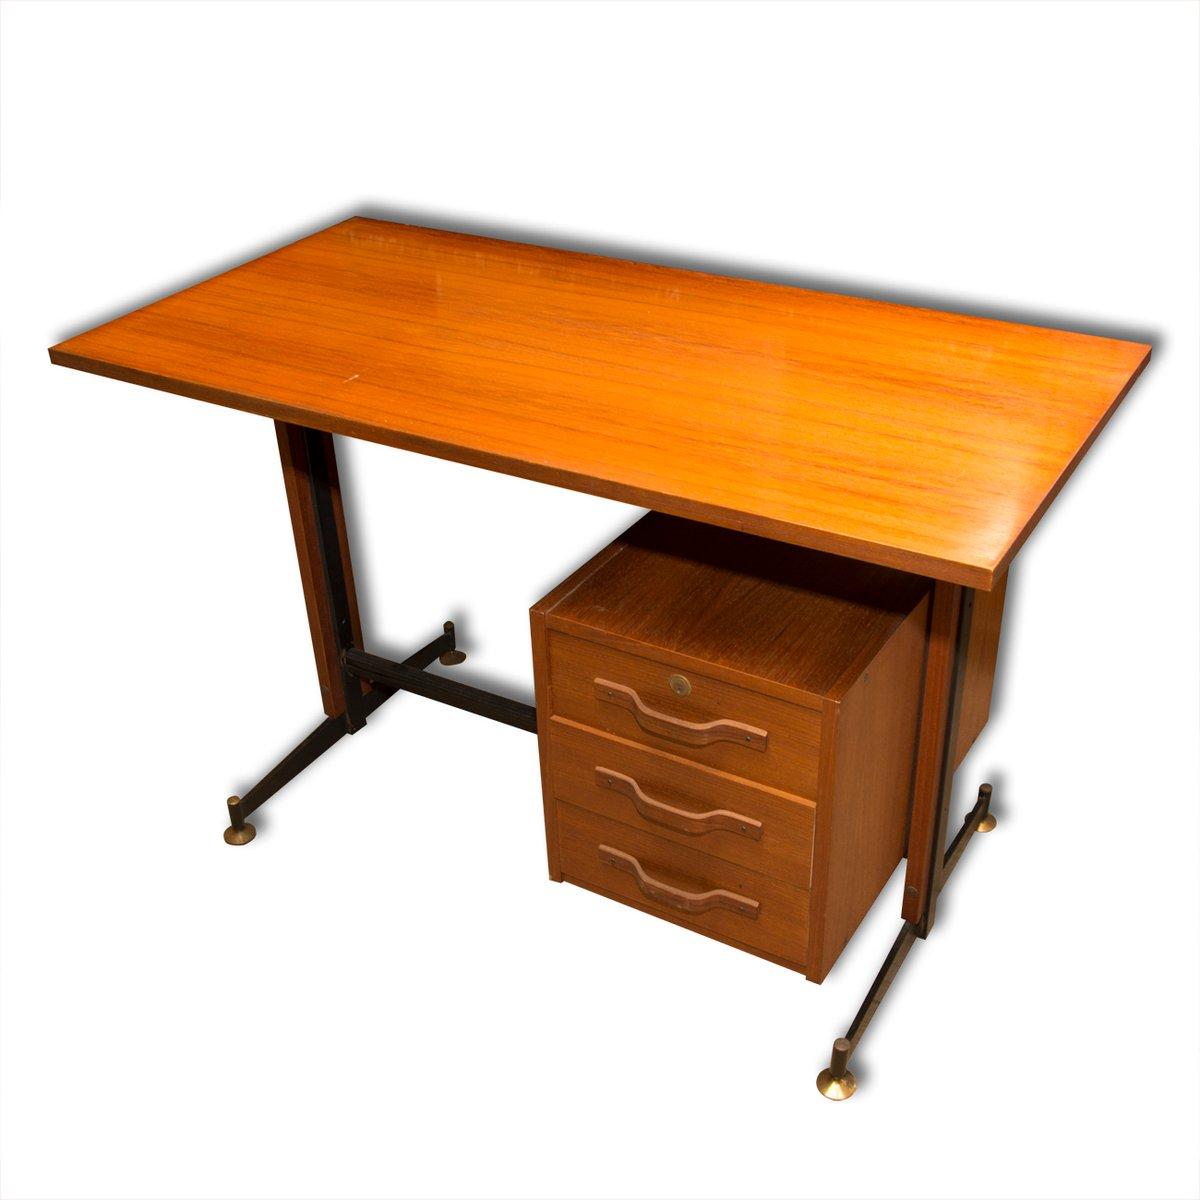 italienischer mid century teak schreibtisch 1950er bei pamono kaufen. Black Bedroom Furniture Sets. Home Design Ideas